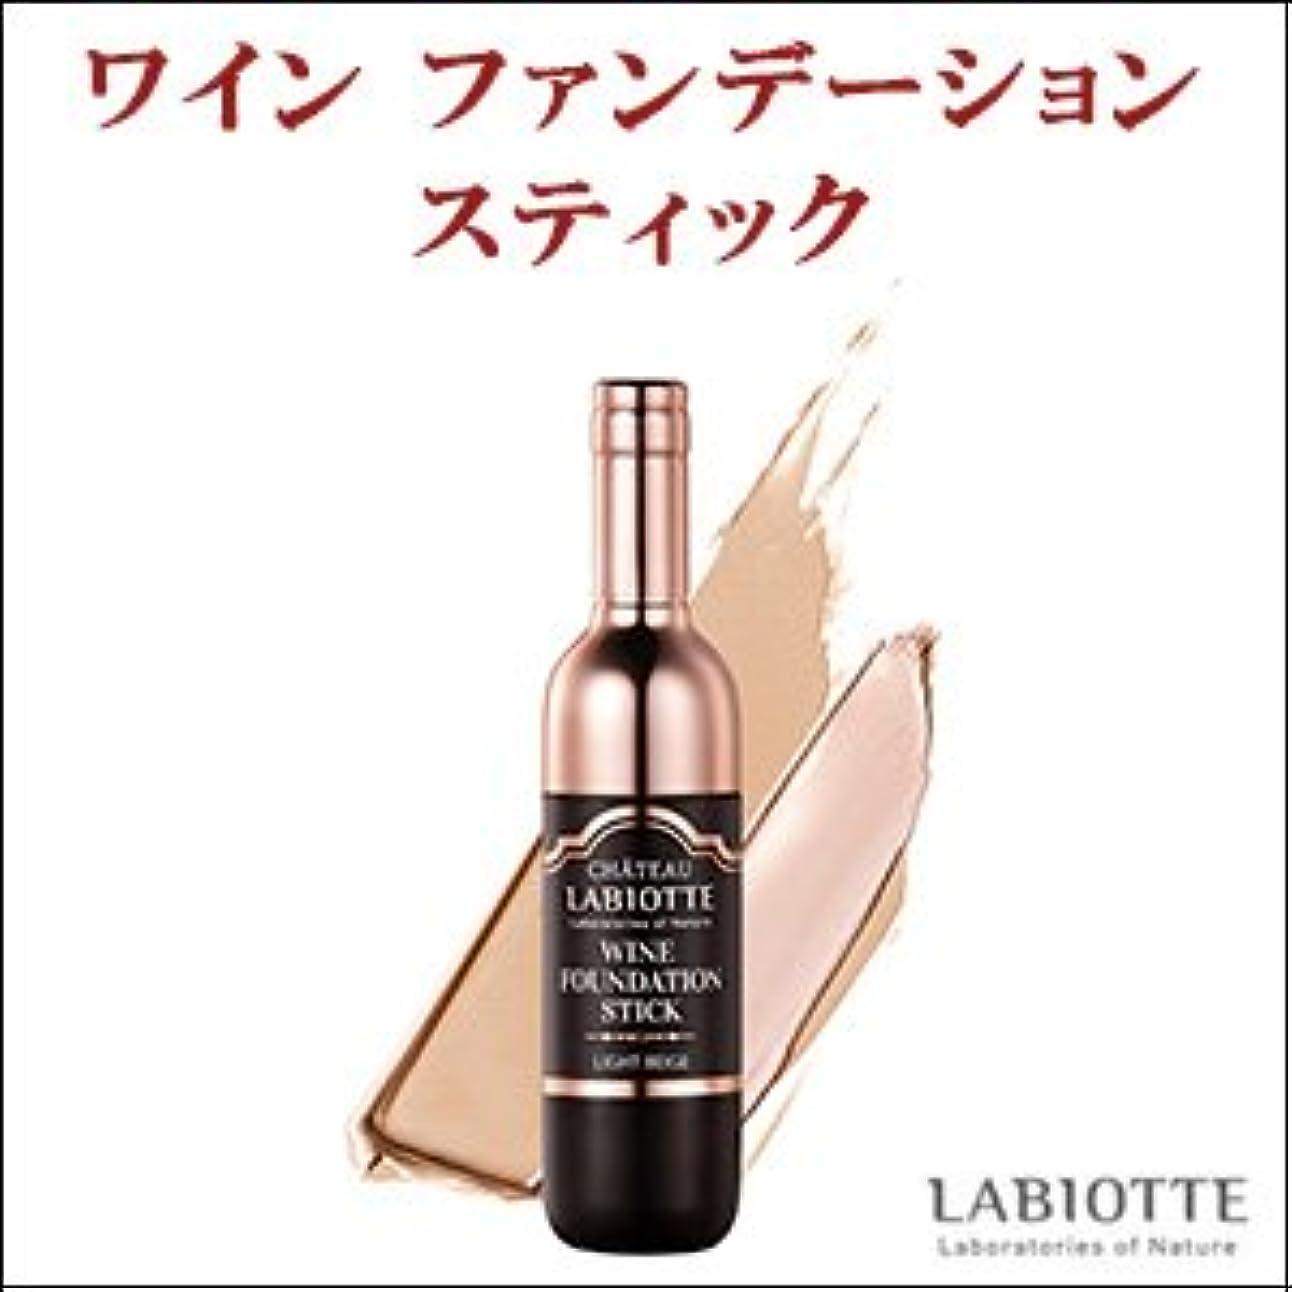 リス移動する調子LABIOTTE シャトー ラビオッテ ワイン ファンデーション スティック カラー:BE21 ライトベージュ